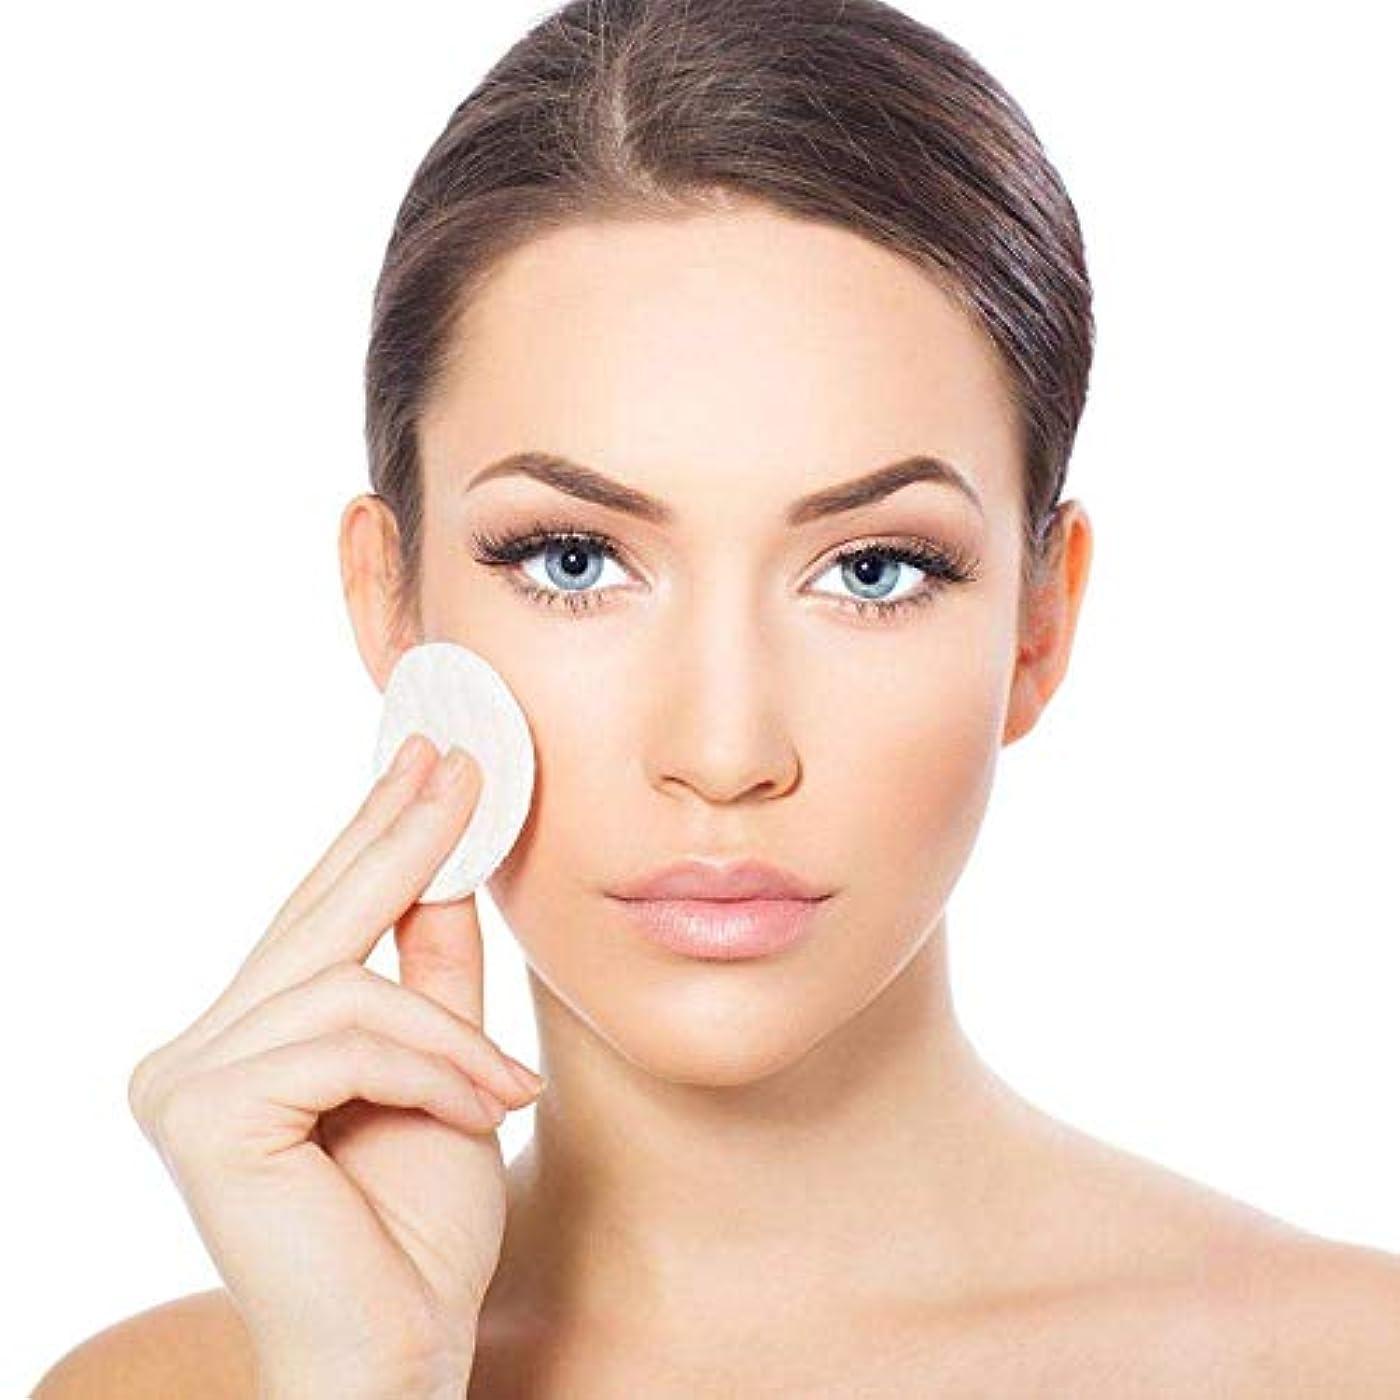 人事生物学置くためにパックユニセックス 洗面再利用可能 3層化粧品除去パッド顔清潔ワイプ 化粧落としコットン 肌に優しい 8セット